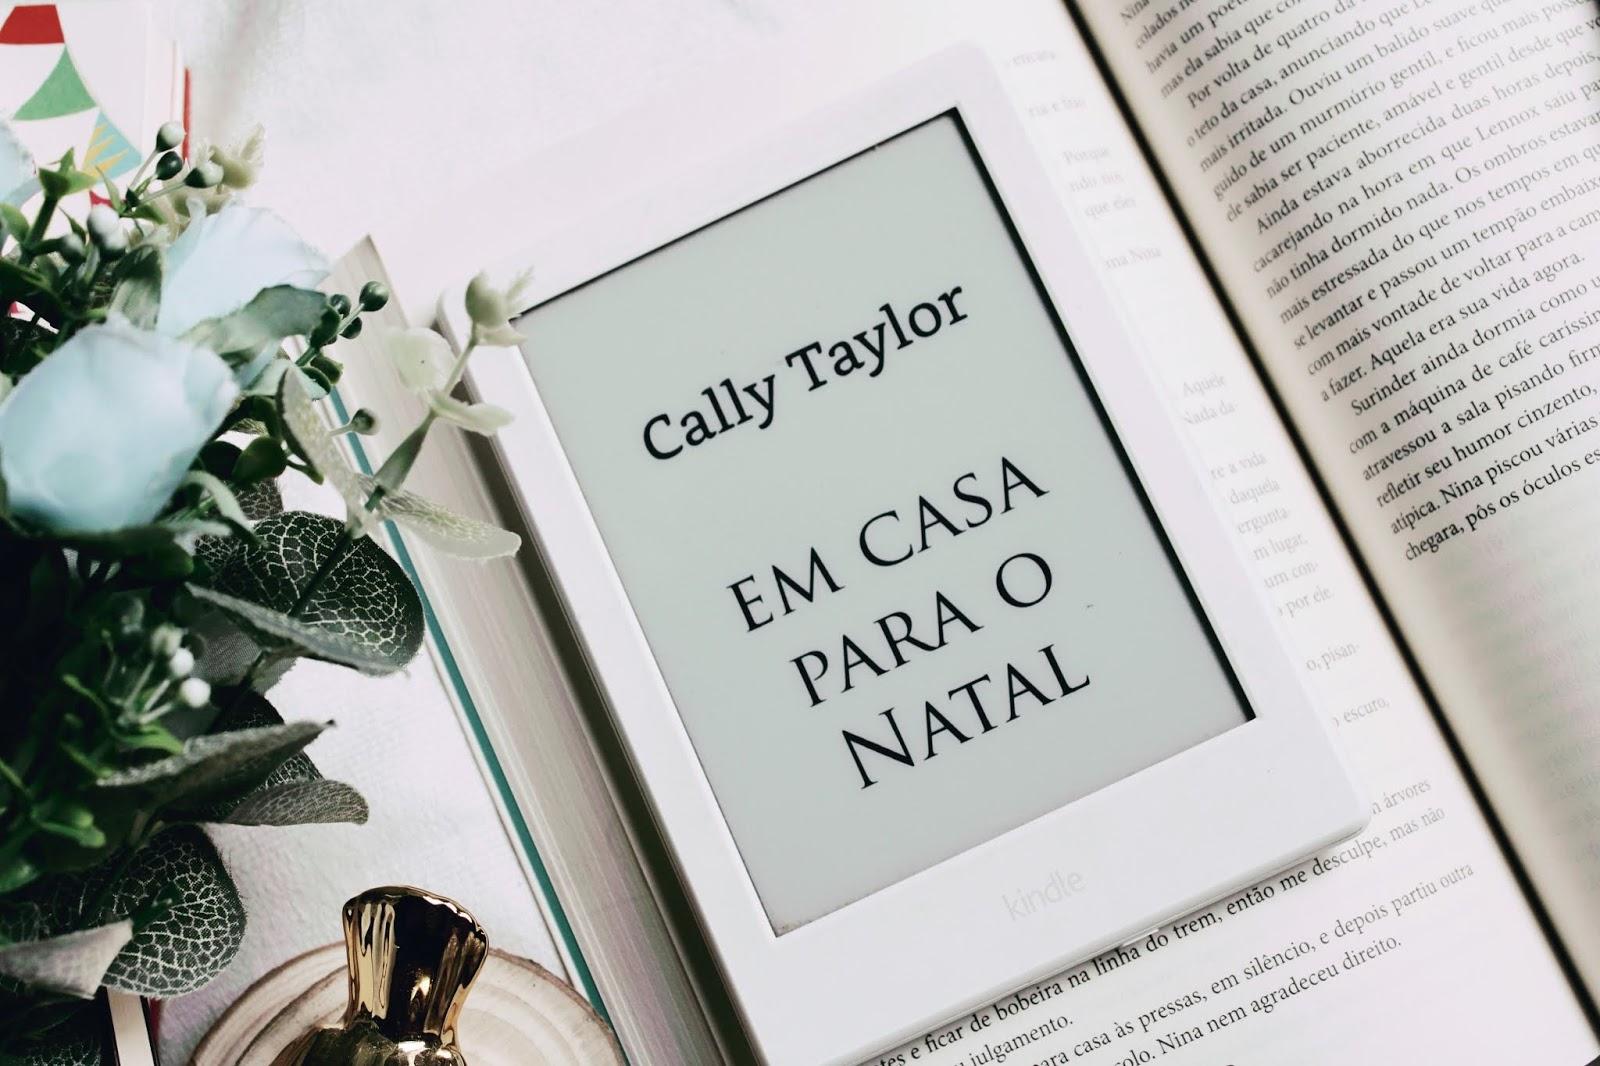 Em casa para o Natal - Cally Taylor | Resenha